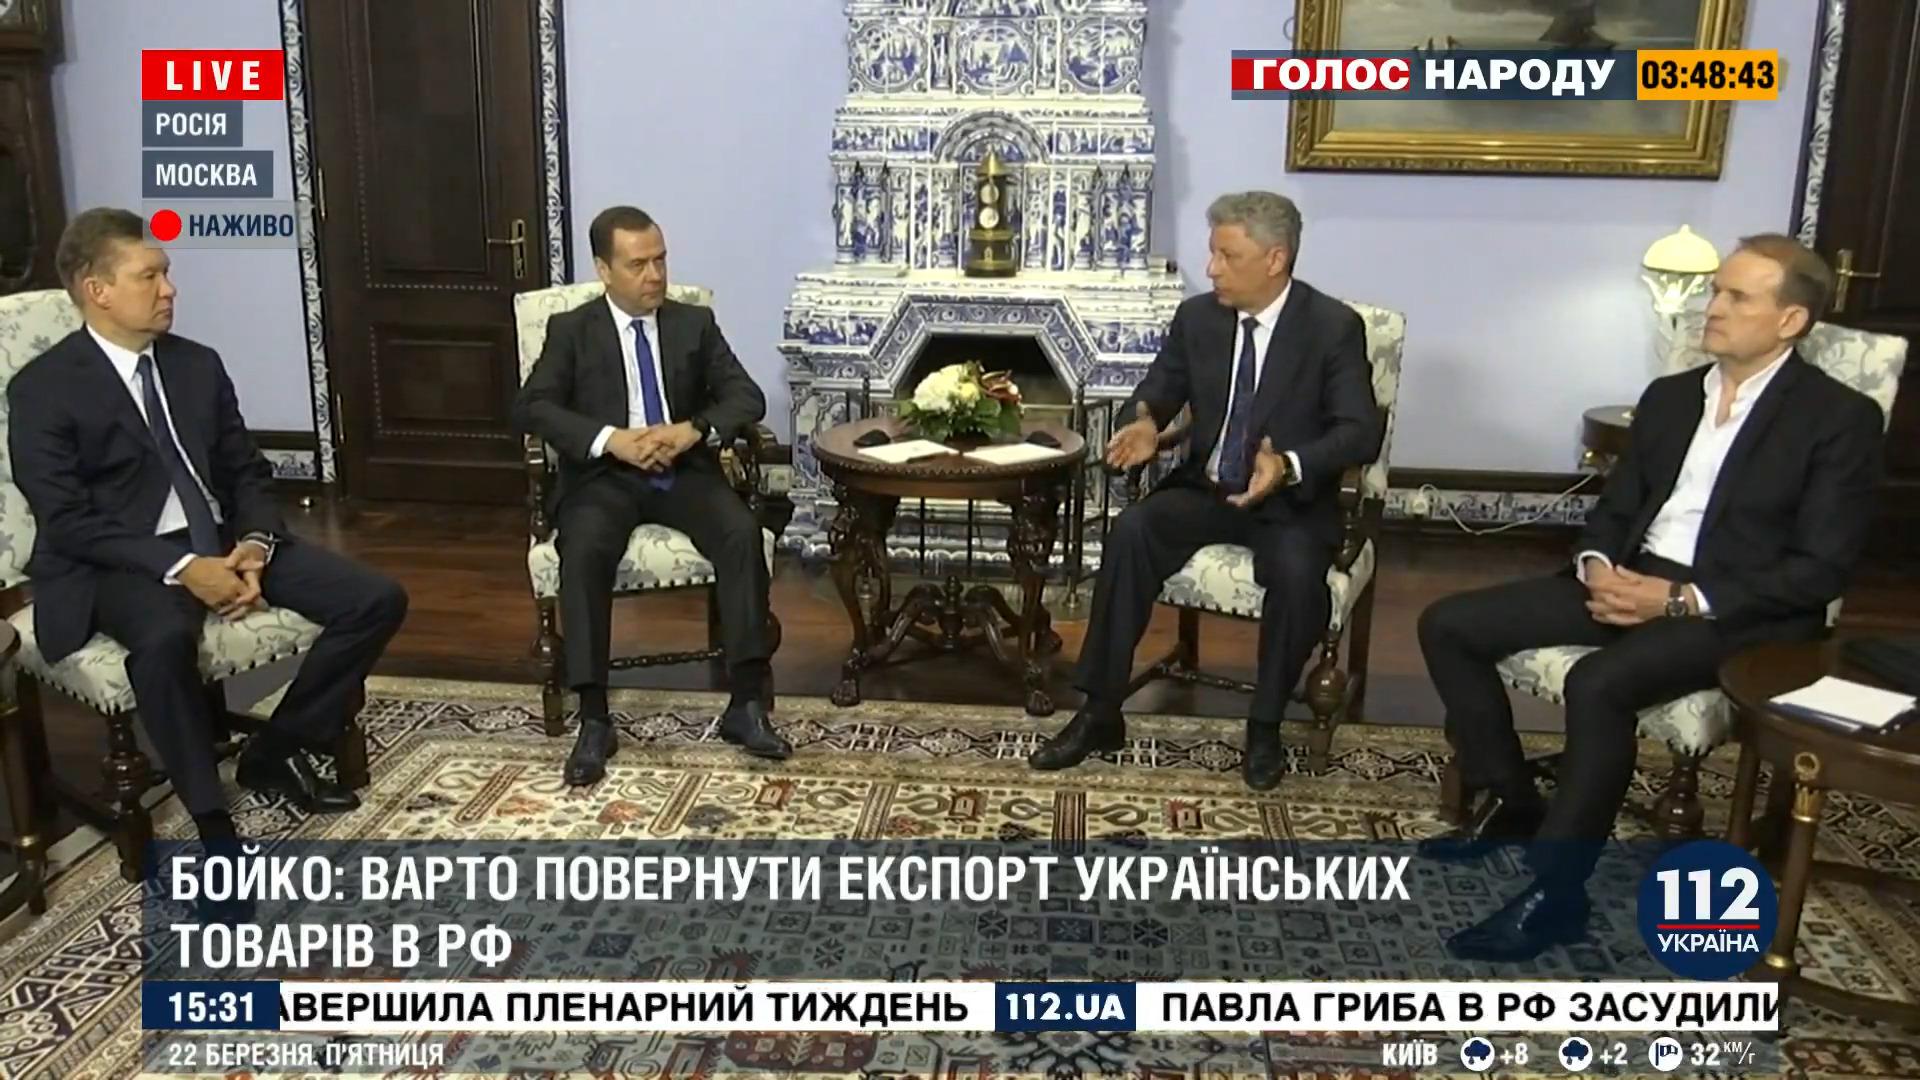 Барометр російської пропаганди: Україна без Порошенка — це добре, але недостатньо